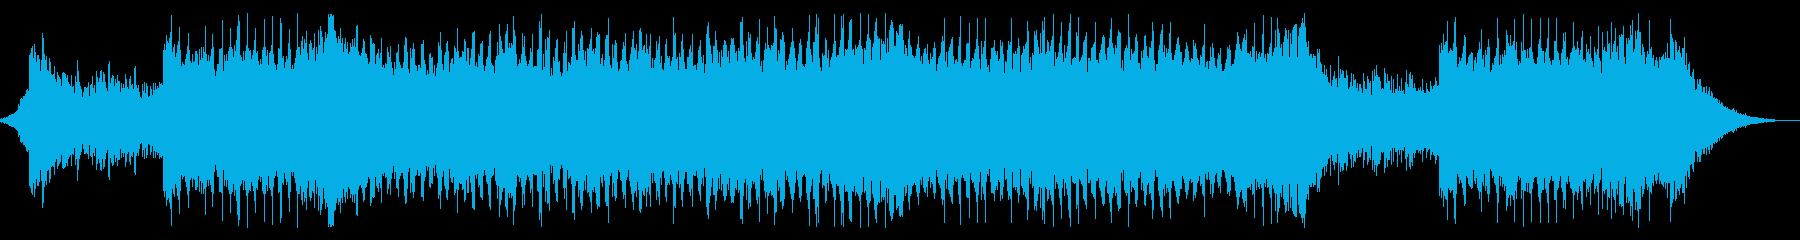 壮大・疾走感あるシンセポップの再生済みの波形